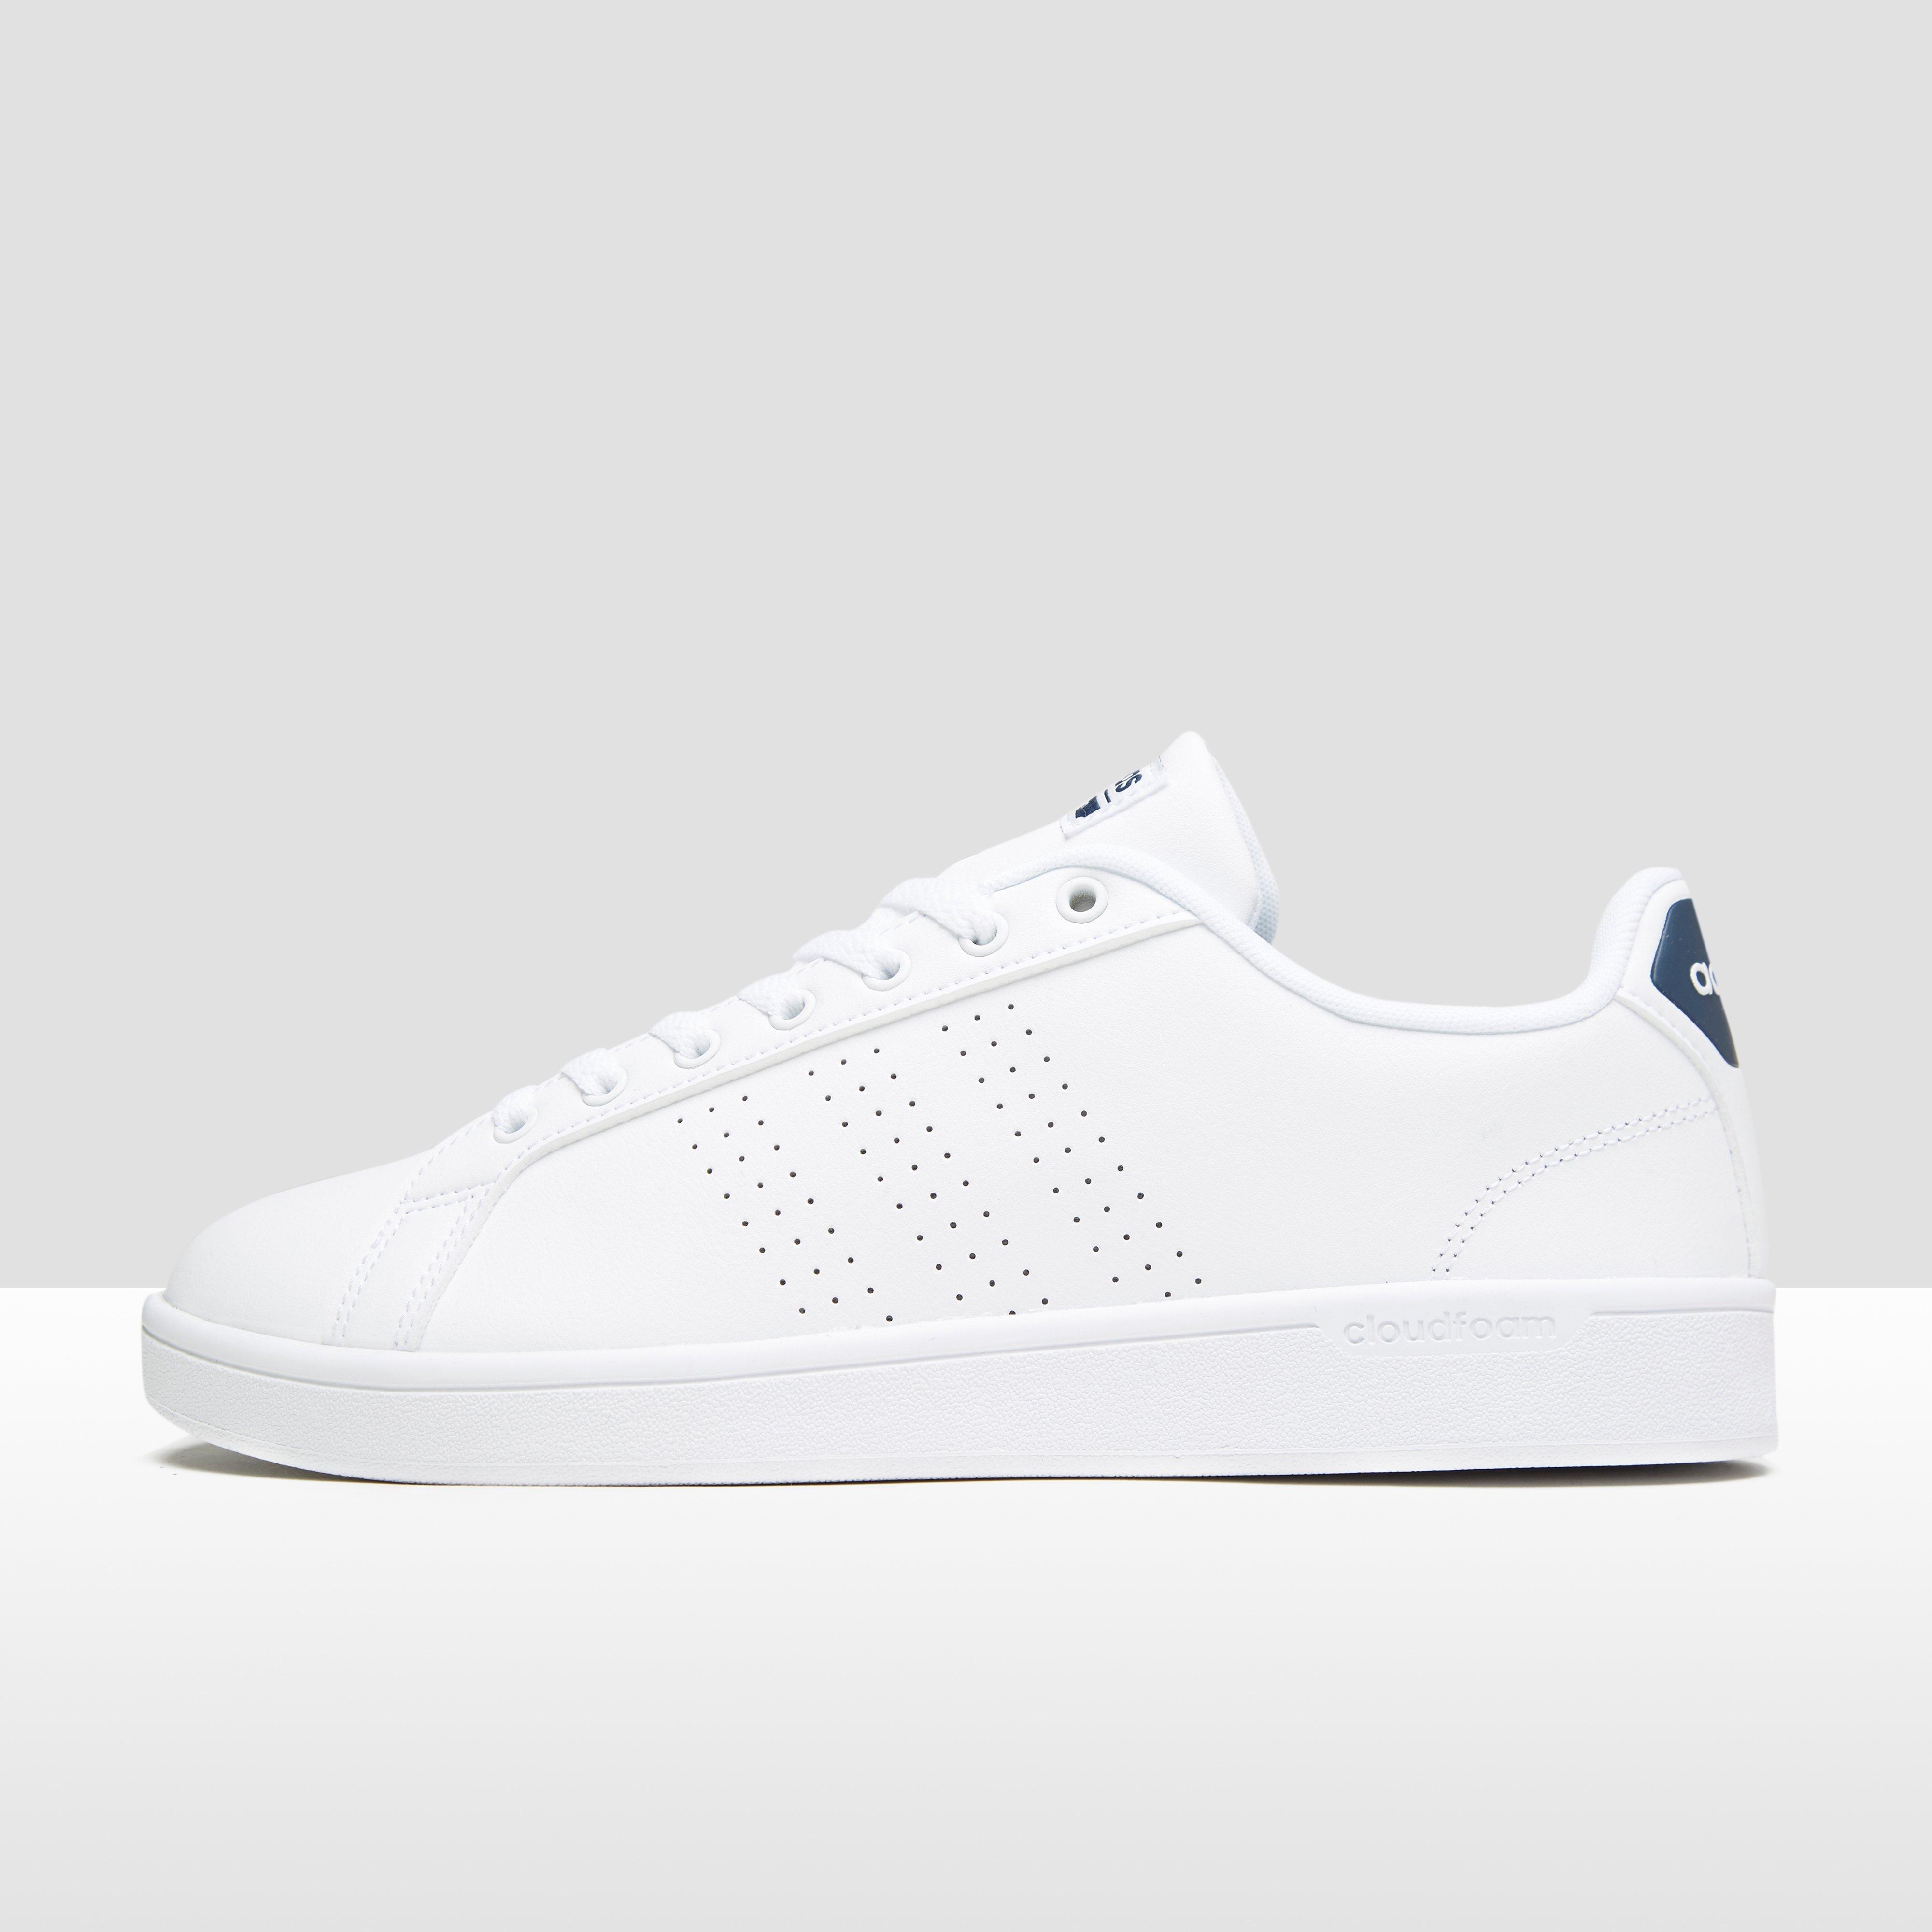 Adidas - Avantage Mousse Nuage Chaussures De Sport - Hommes - Baskets - Bleu - 45 1/3 KJALFqH